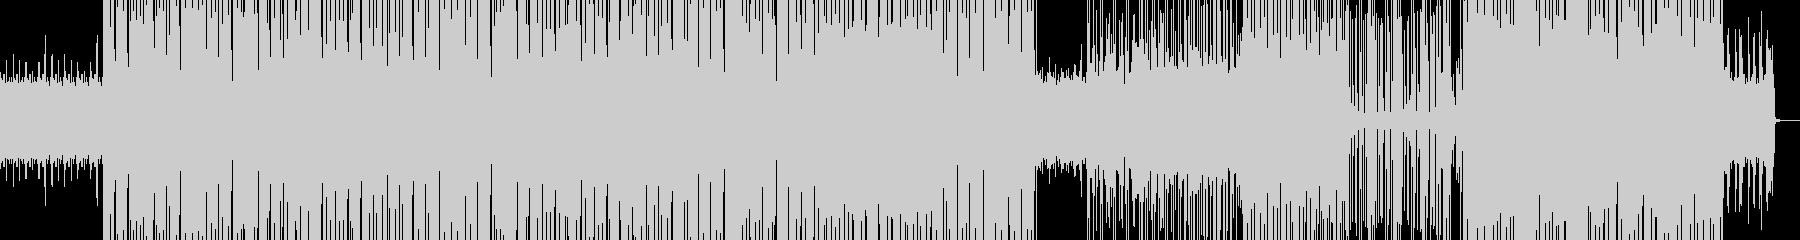 太いベースと切ないピアノが印象的の未再生の波形